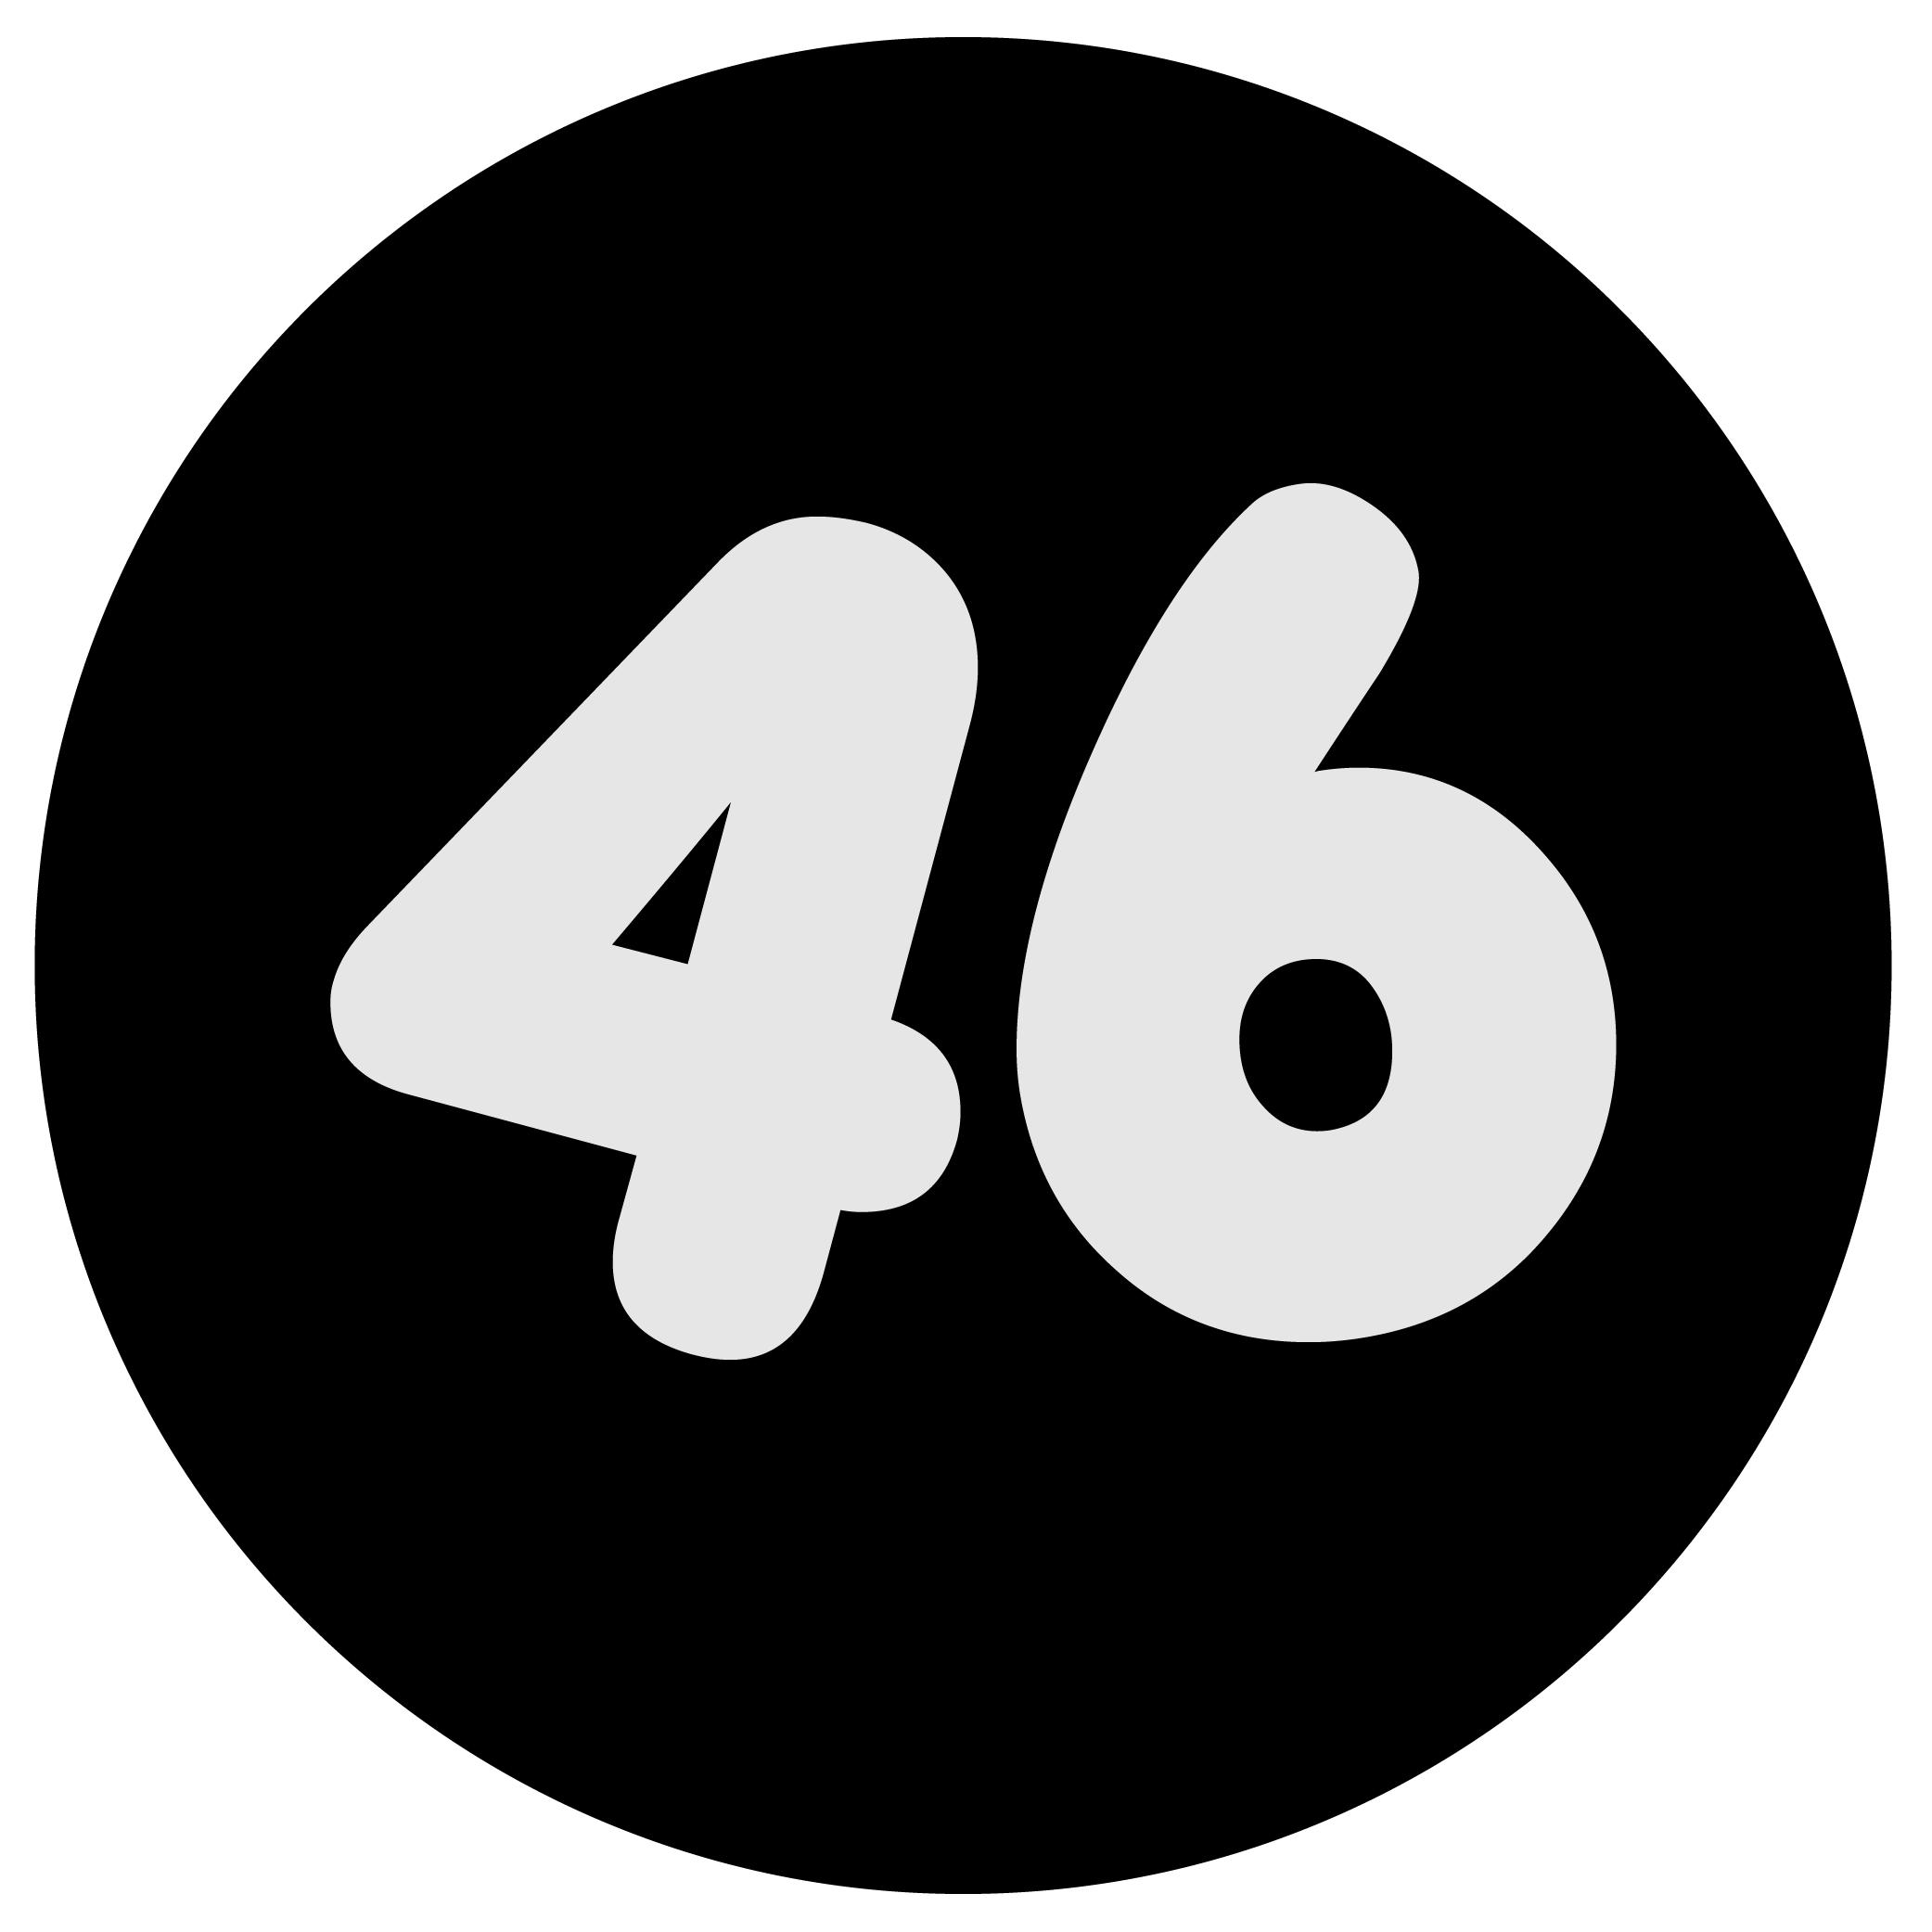 circles-35.png